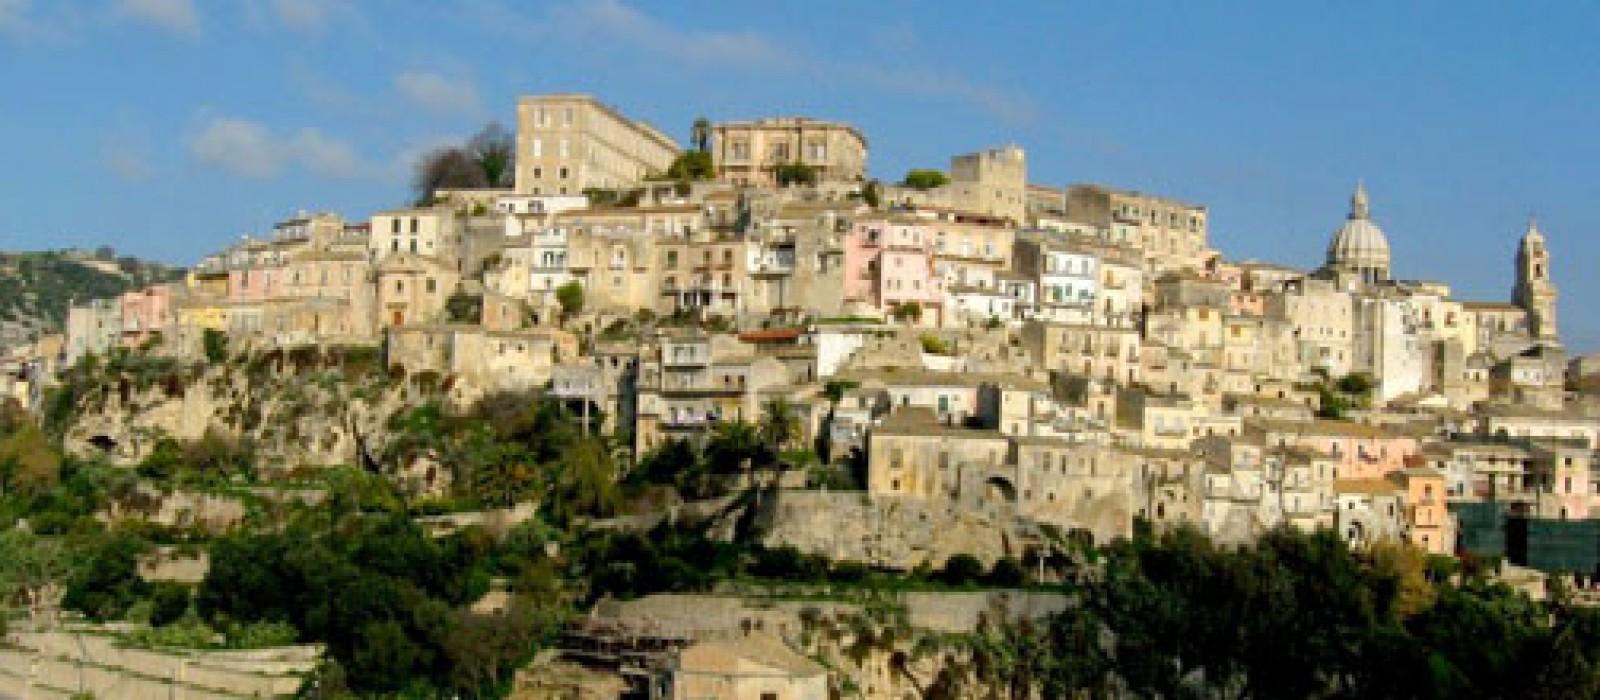 Itinerari di Sicilia: Sicilia sud orientale, Ragusa, Ibla, Modica, Scicli e Noto